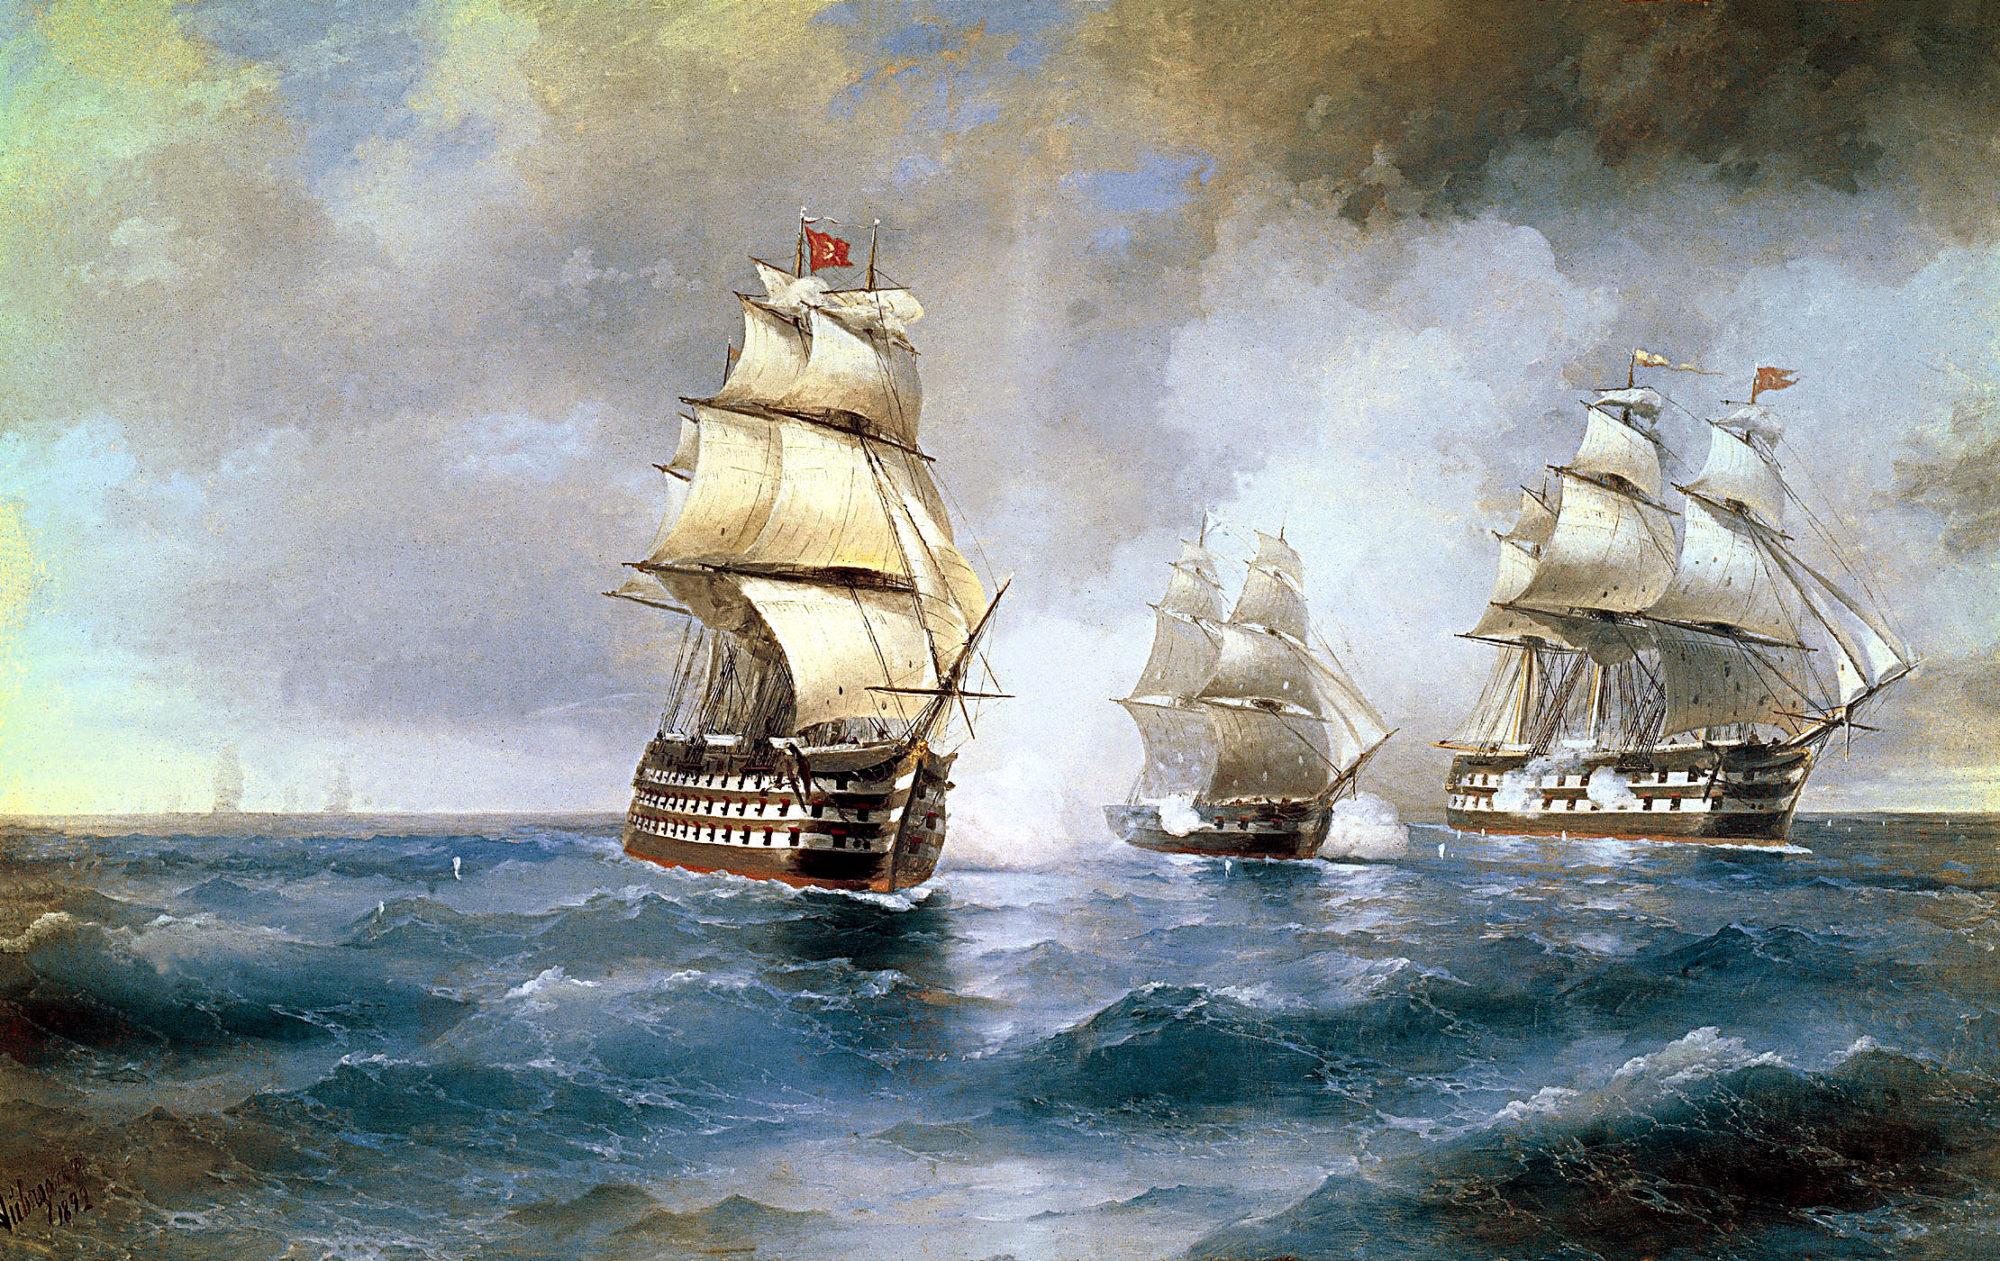 """Описание картины """"""""Меркурий"""", атакованный двумя турецкими кораблями"""" Ивана Айвазовского"""